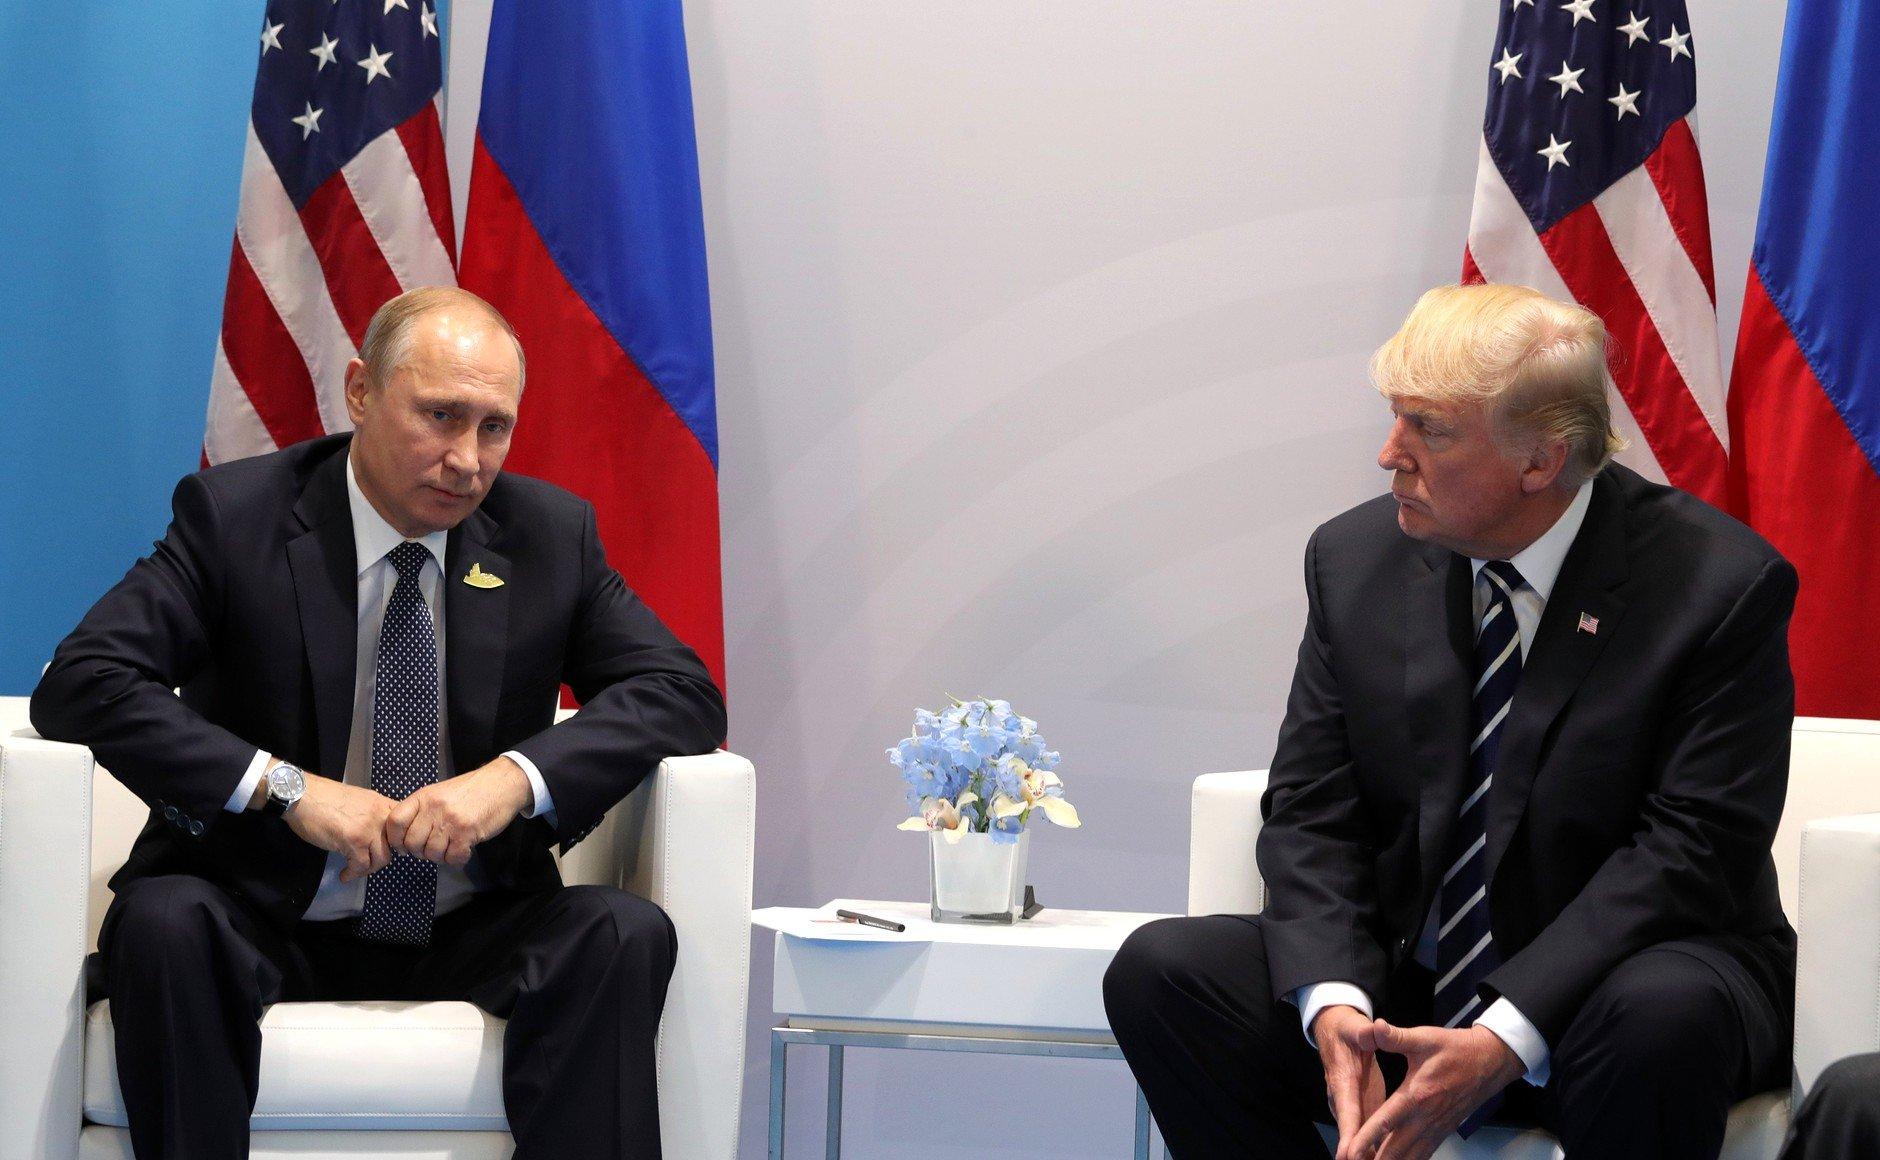 Финляндия сообщила оготовности провести встречу Путина иДональда Трампа